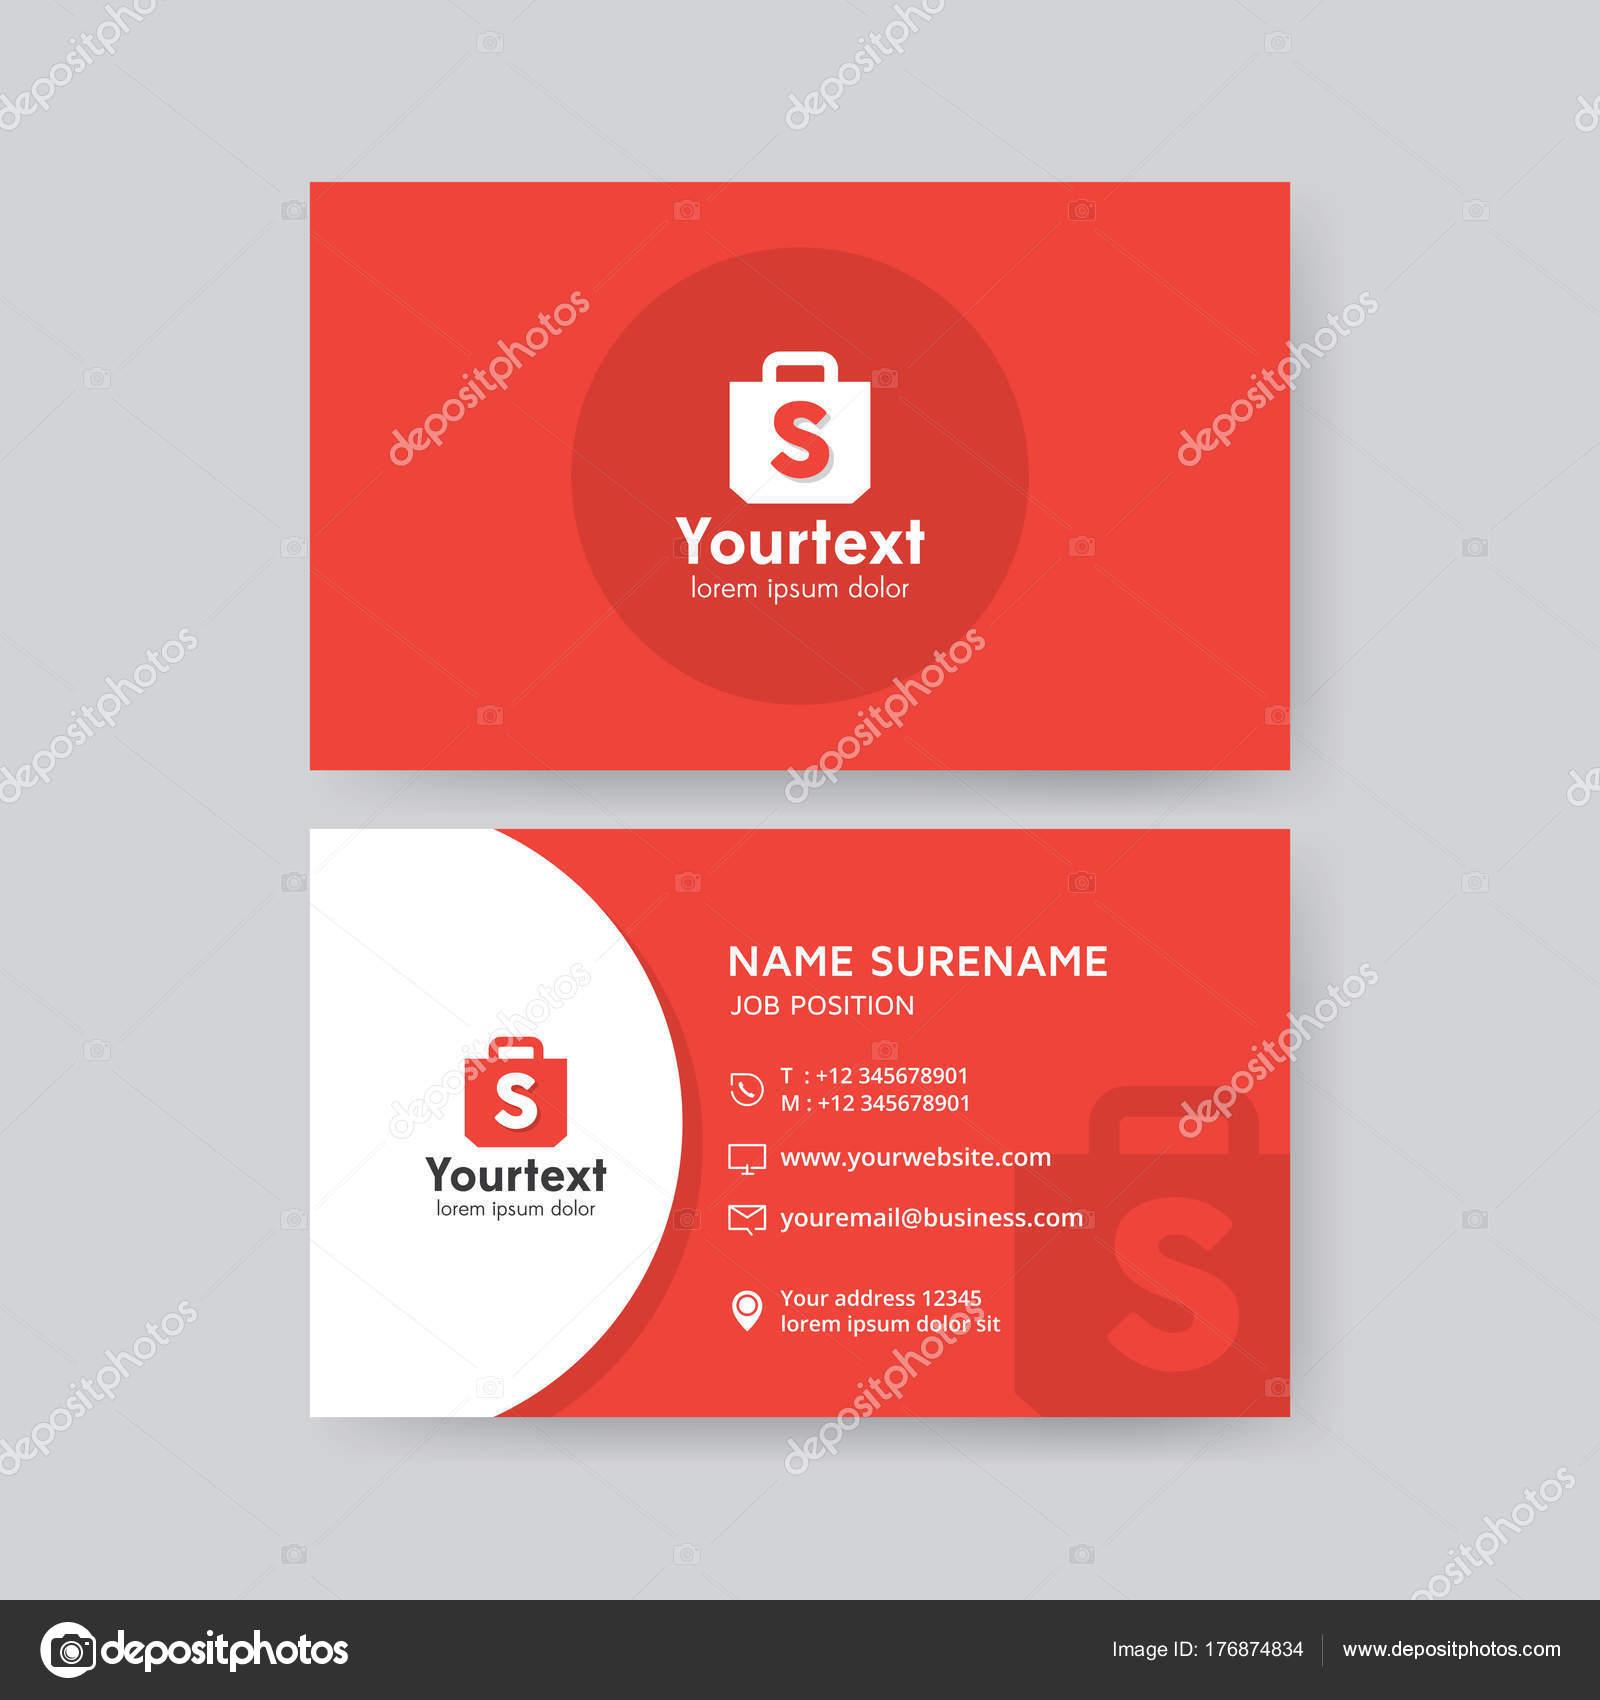 Vecteur Cration Moderne Propre Modle Carte Visite Design Plat Couleur Image Vectorielle